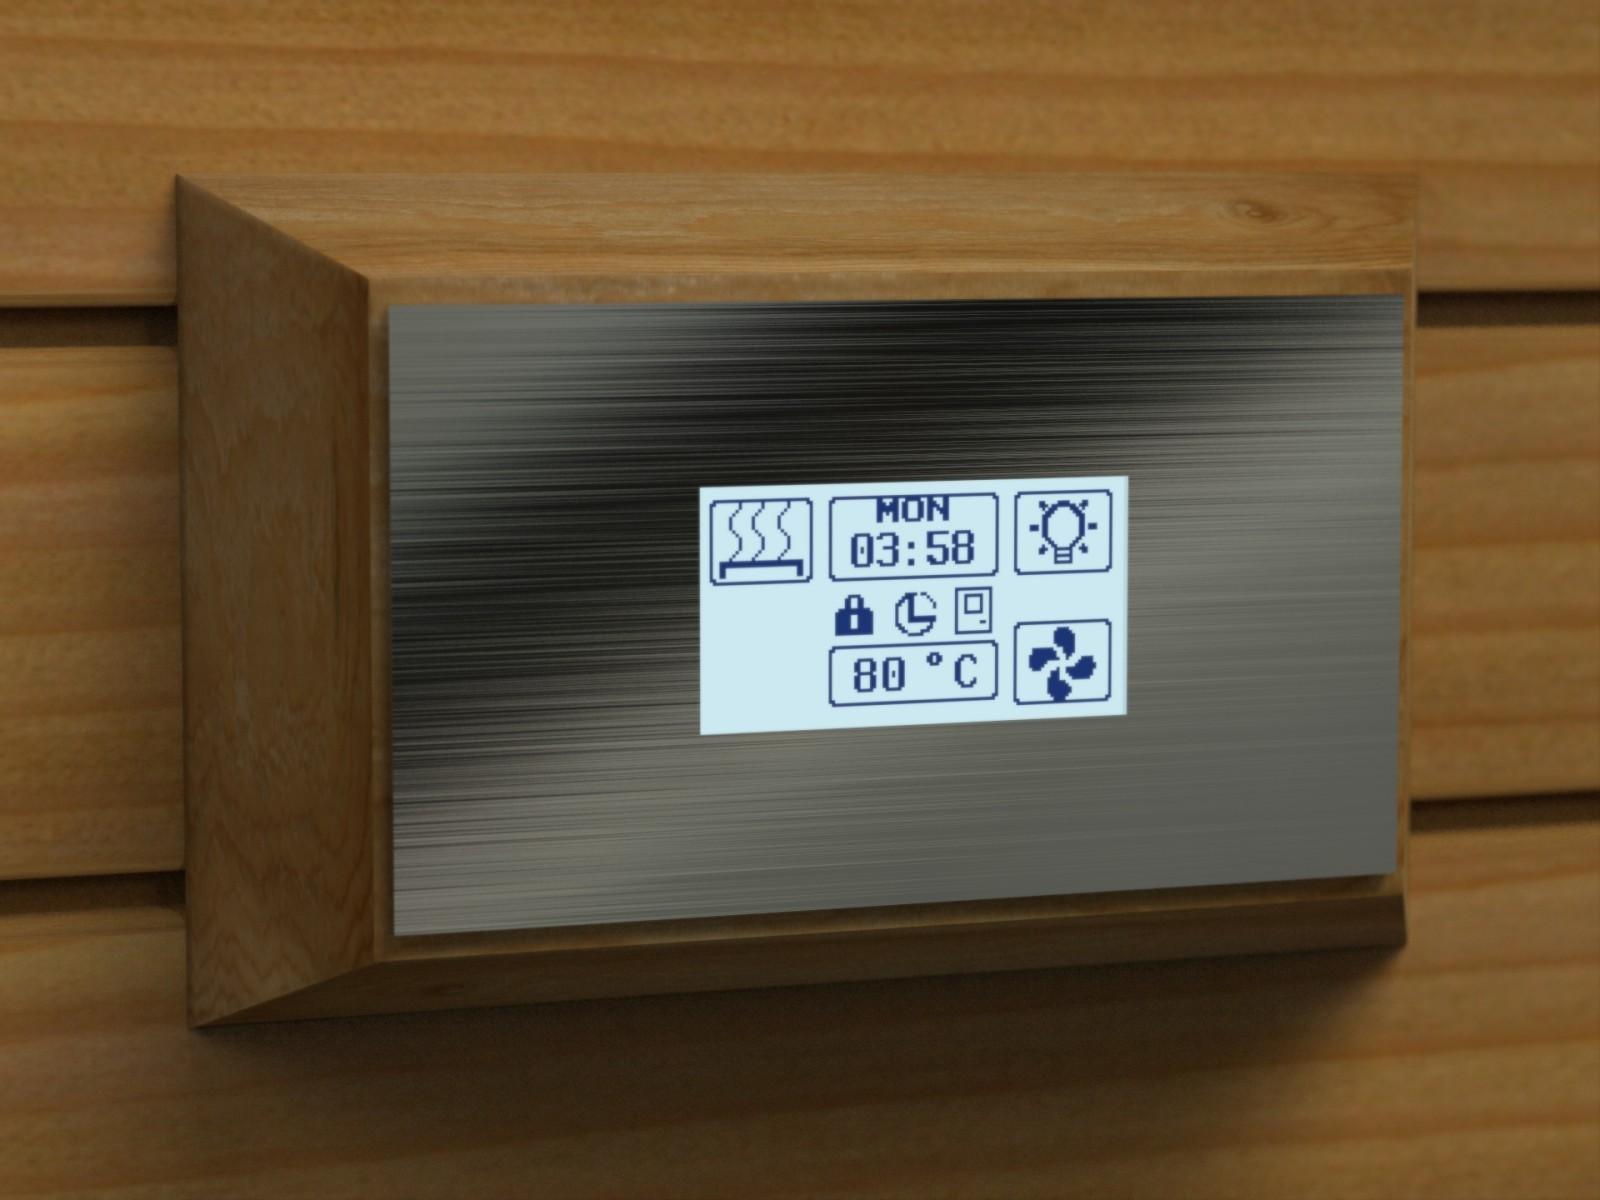 Аксессуары для бани: Держатель пульта SAWO INN-IH21-D Innova (прямоугольный) аксессуары для бани держатель пульта sawo inn ih20 p innova прямоугольный